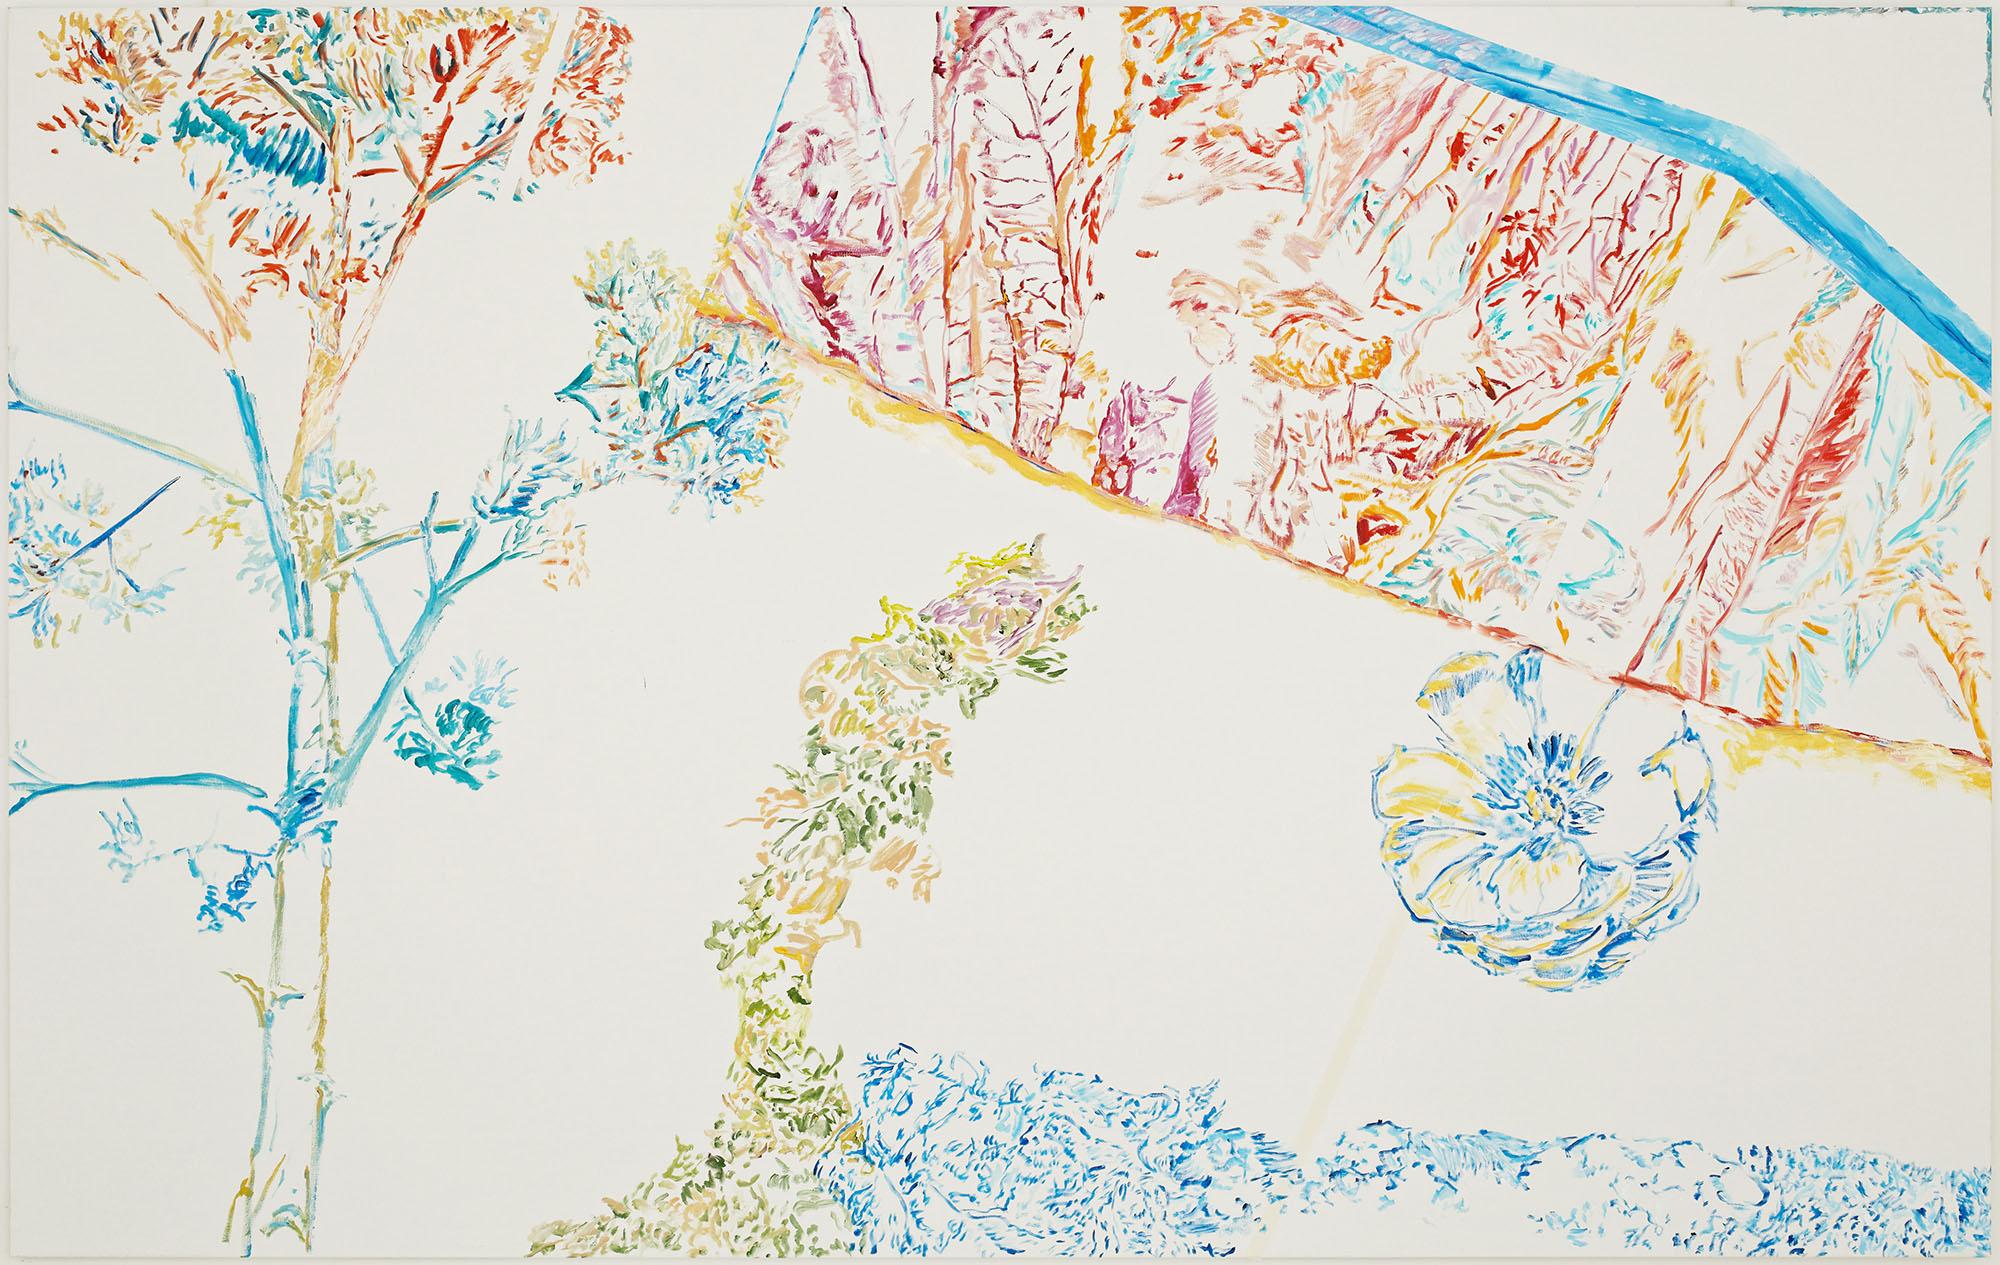 Prefigure (B) (acrylic on canvas, 200 x 300 cm - 2015).